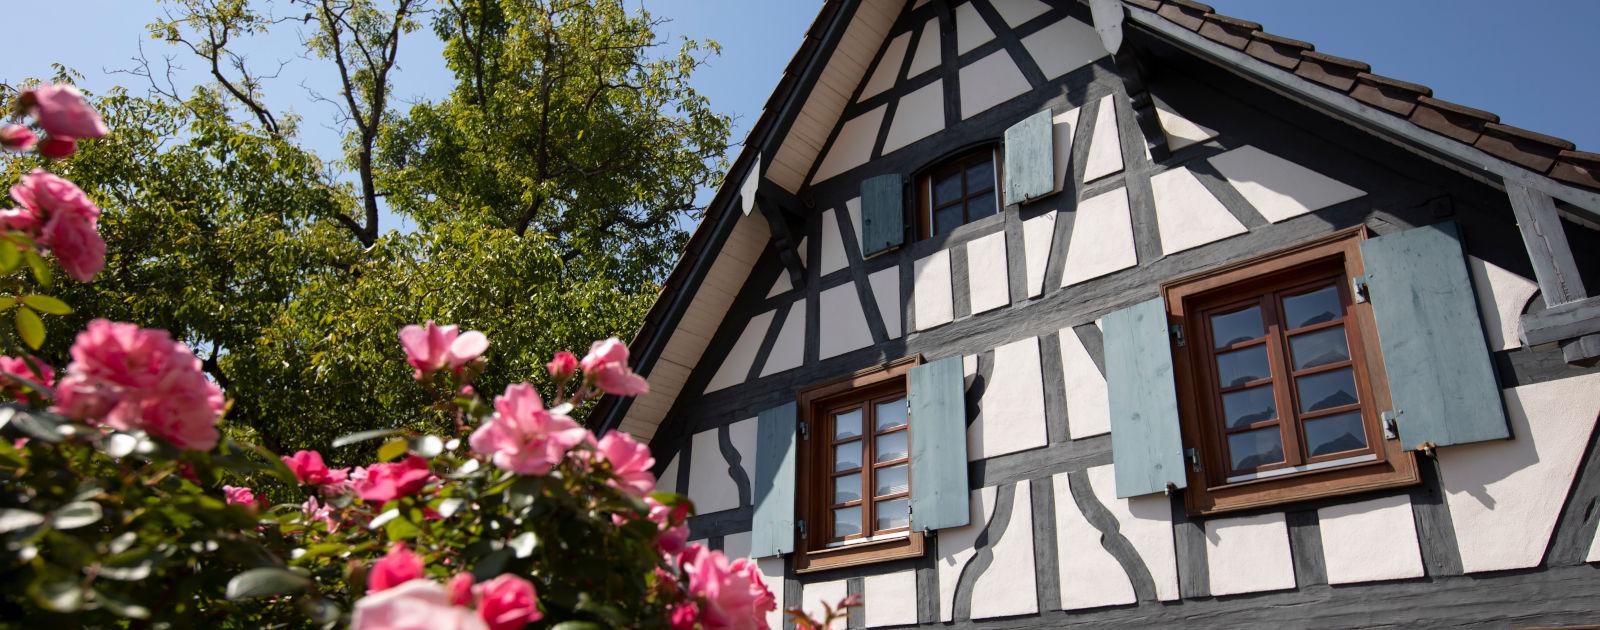 Hesselhurst - Fachwerkhaus mit Rosen im Vordergrund